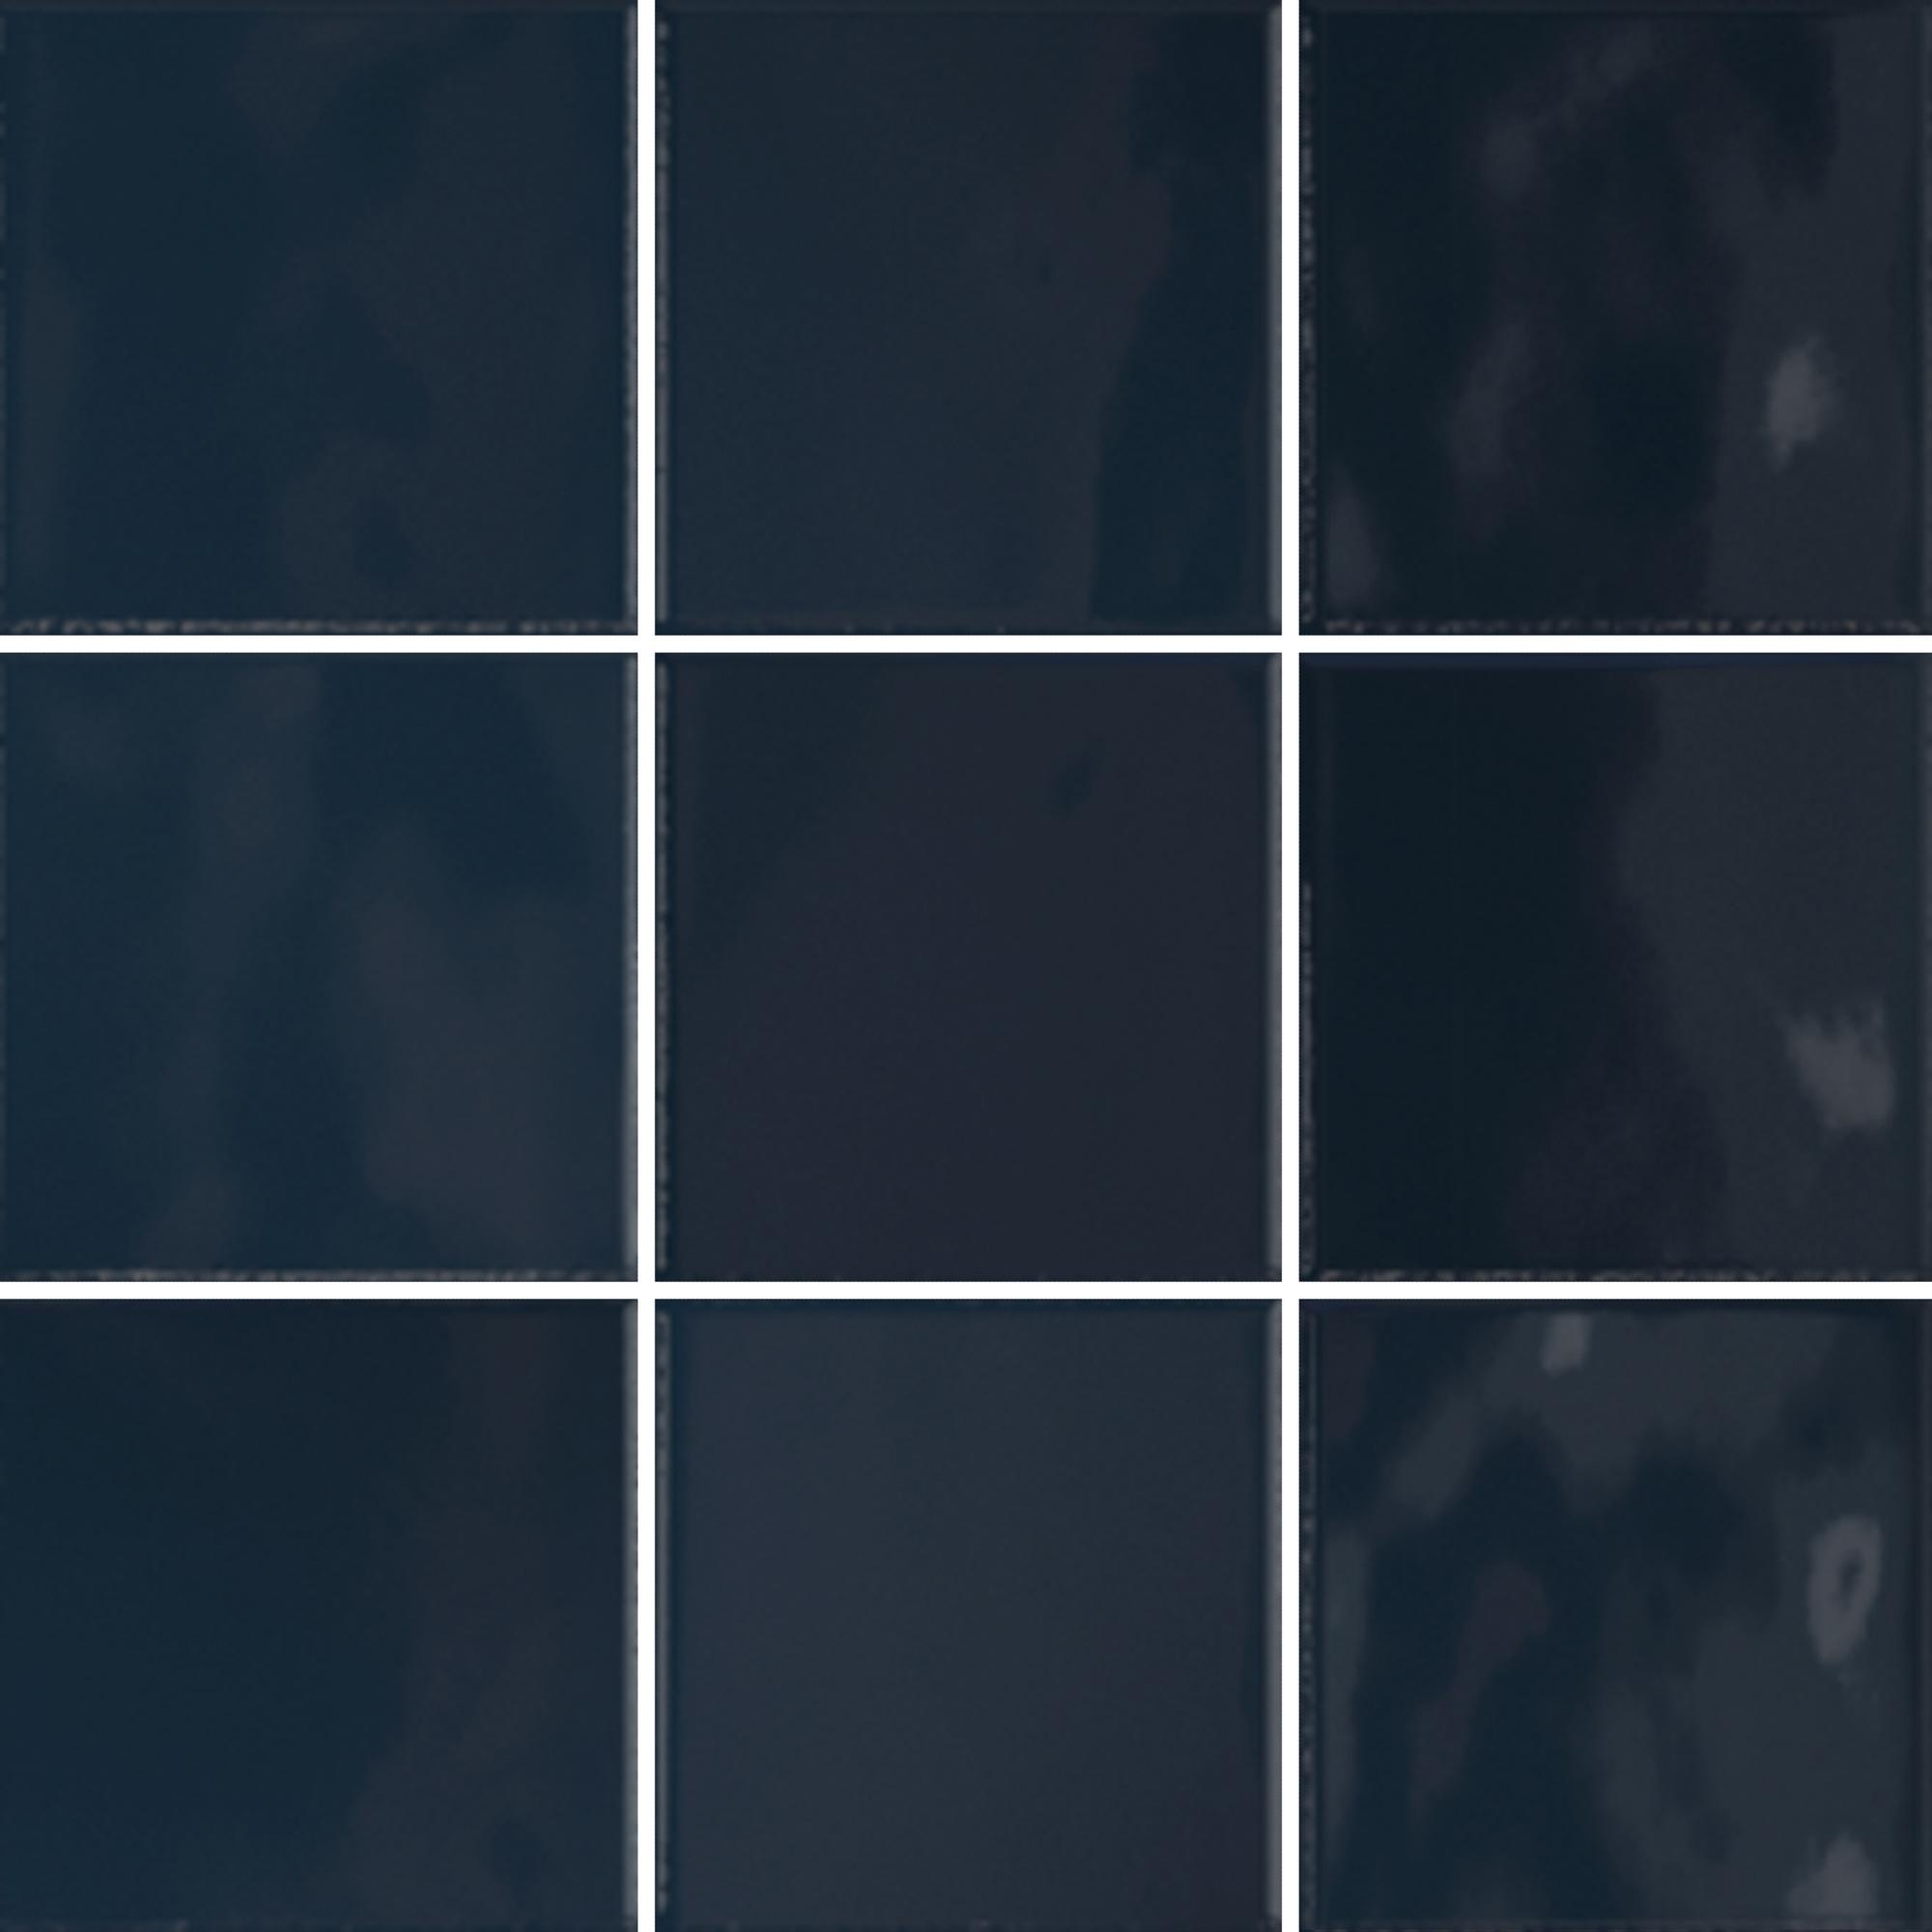 K94842480001VTE0, Retromix, Sininen, seina